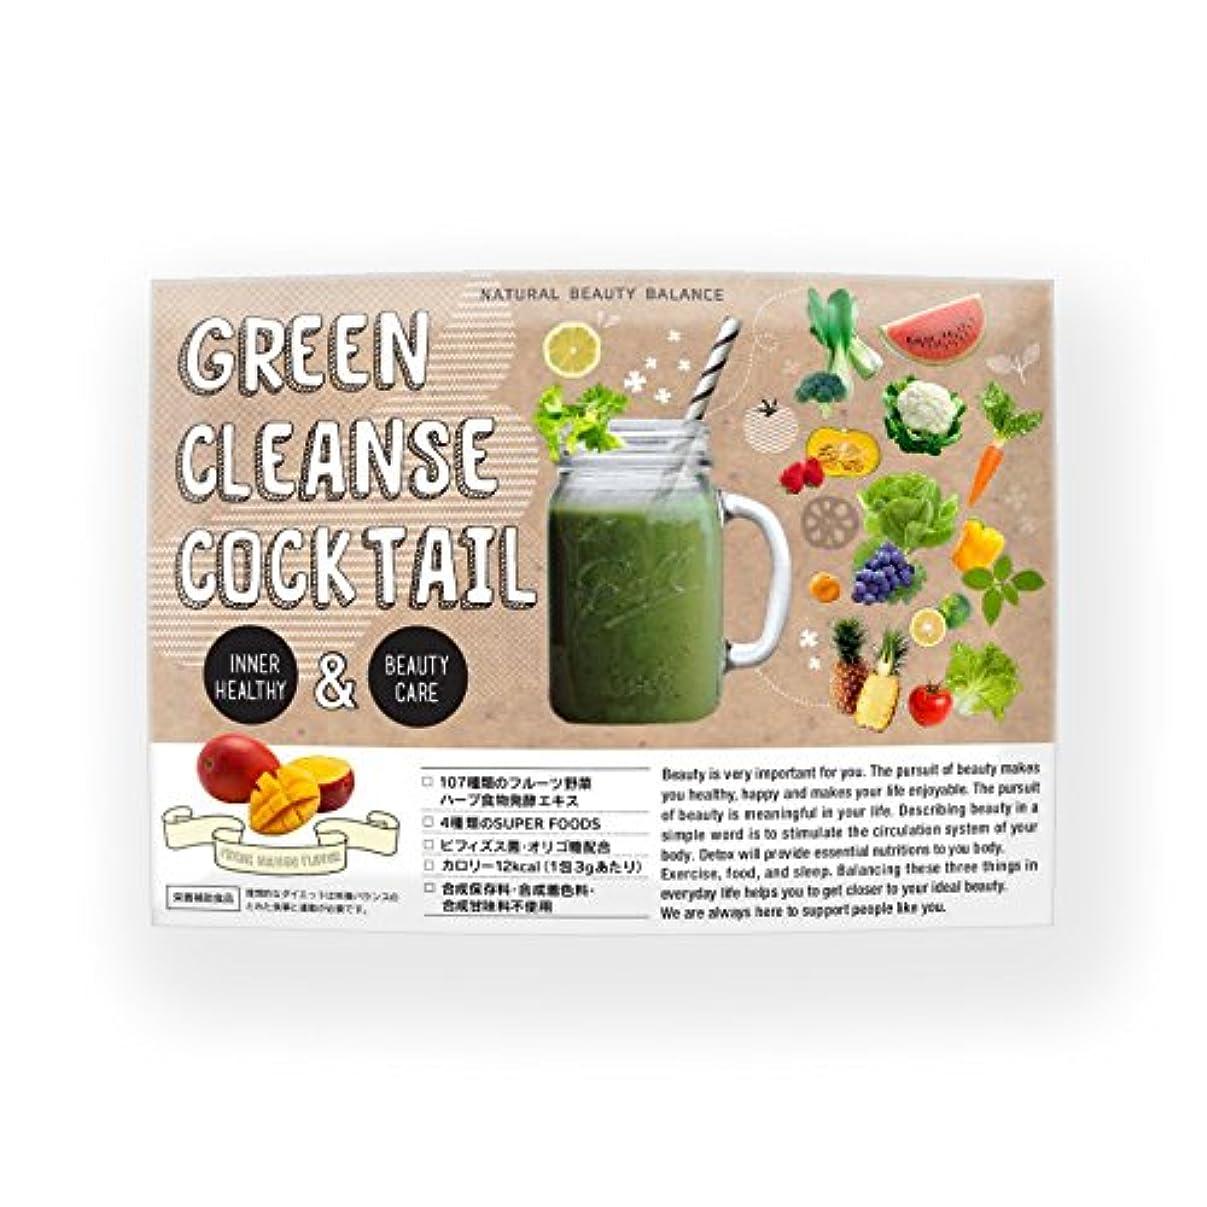 熱意シリング民兵Natural Beauty Balance グリーンクレンズカクテル Green Cleanse Coktail ダイエット 30包